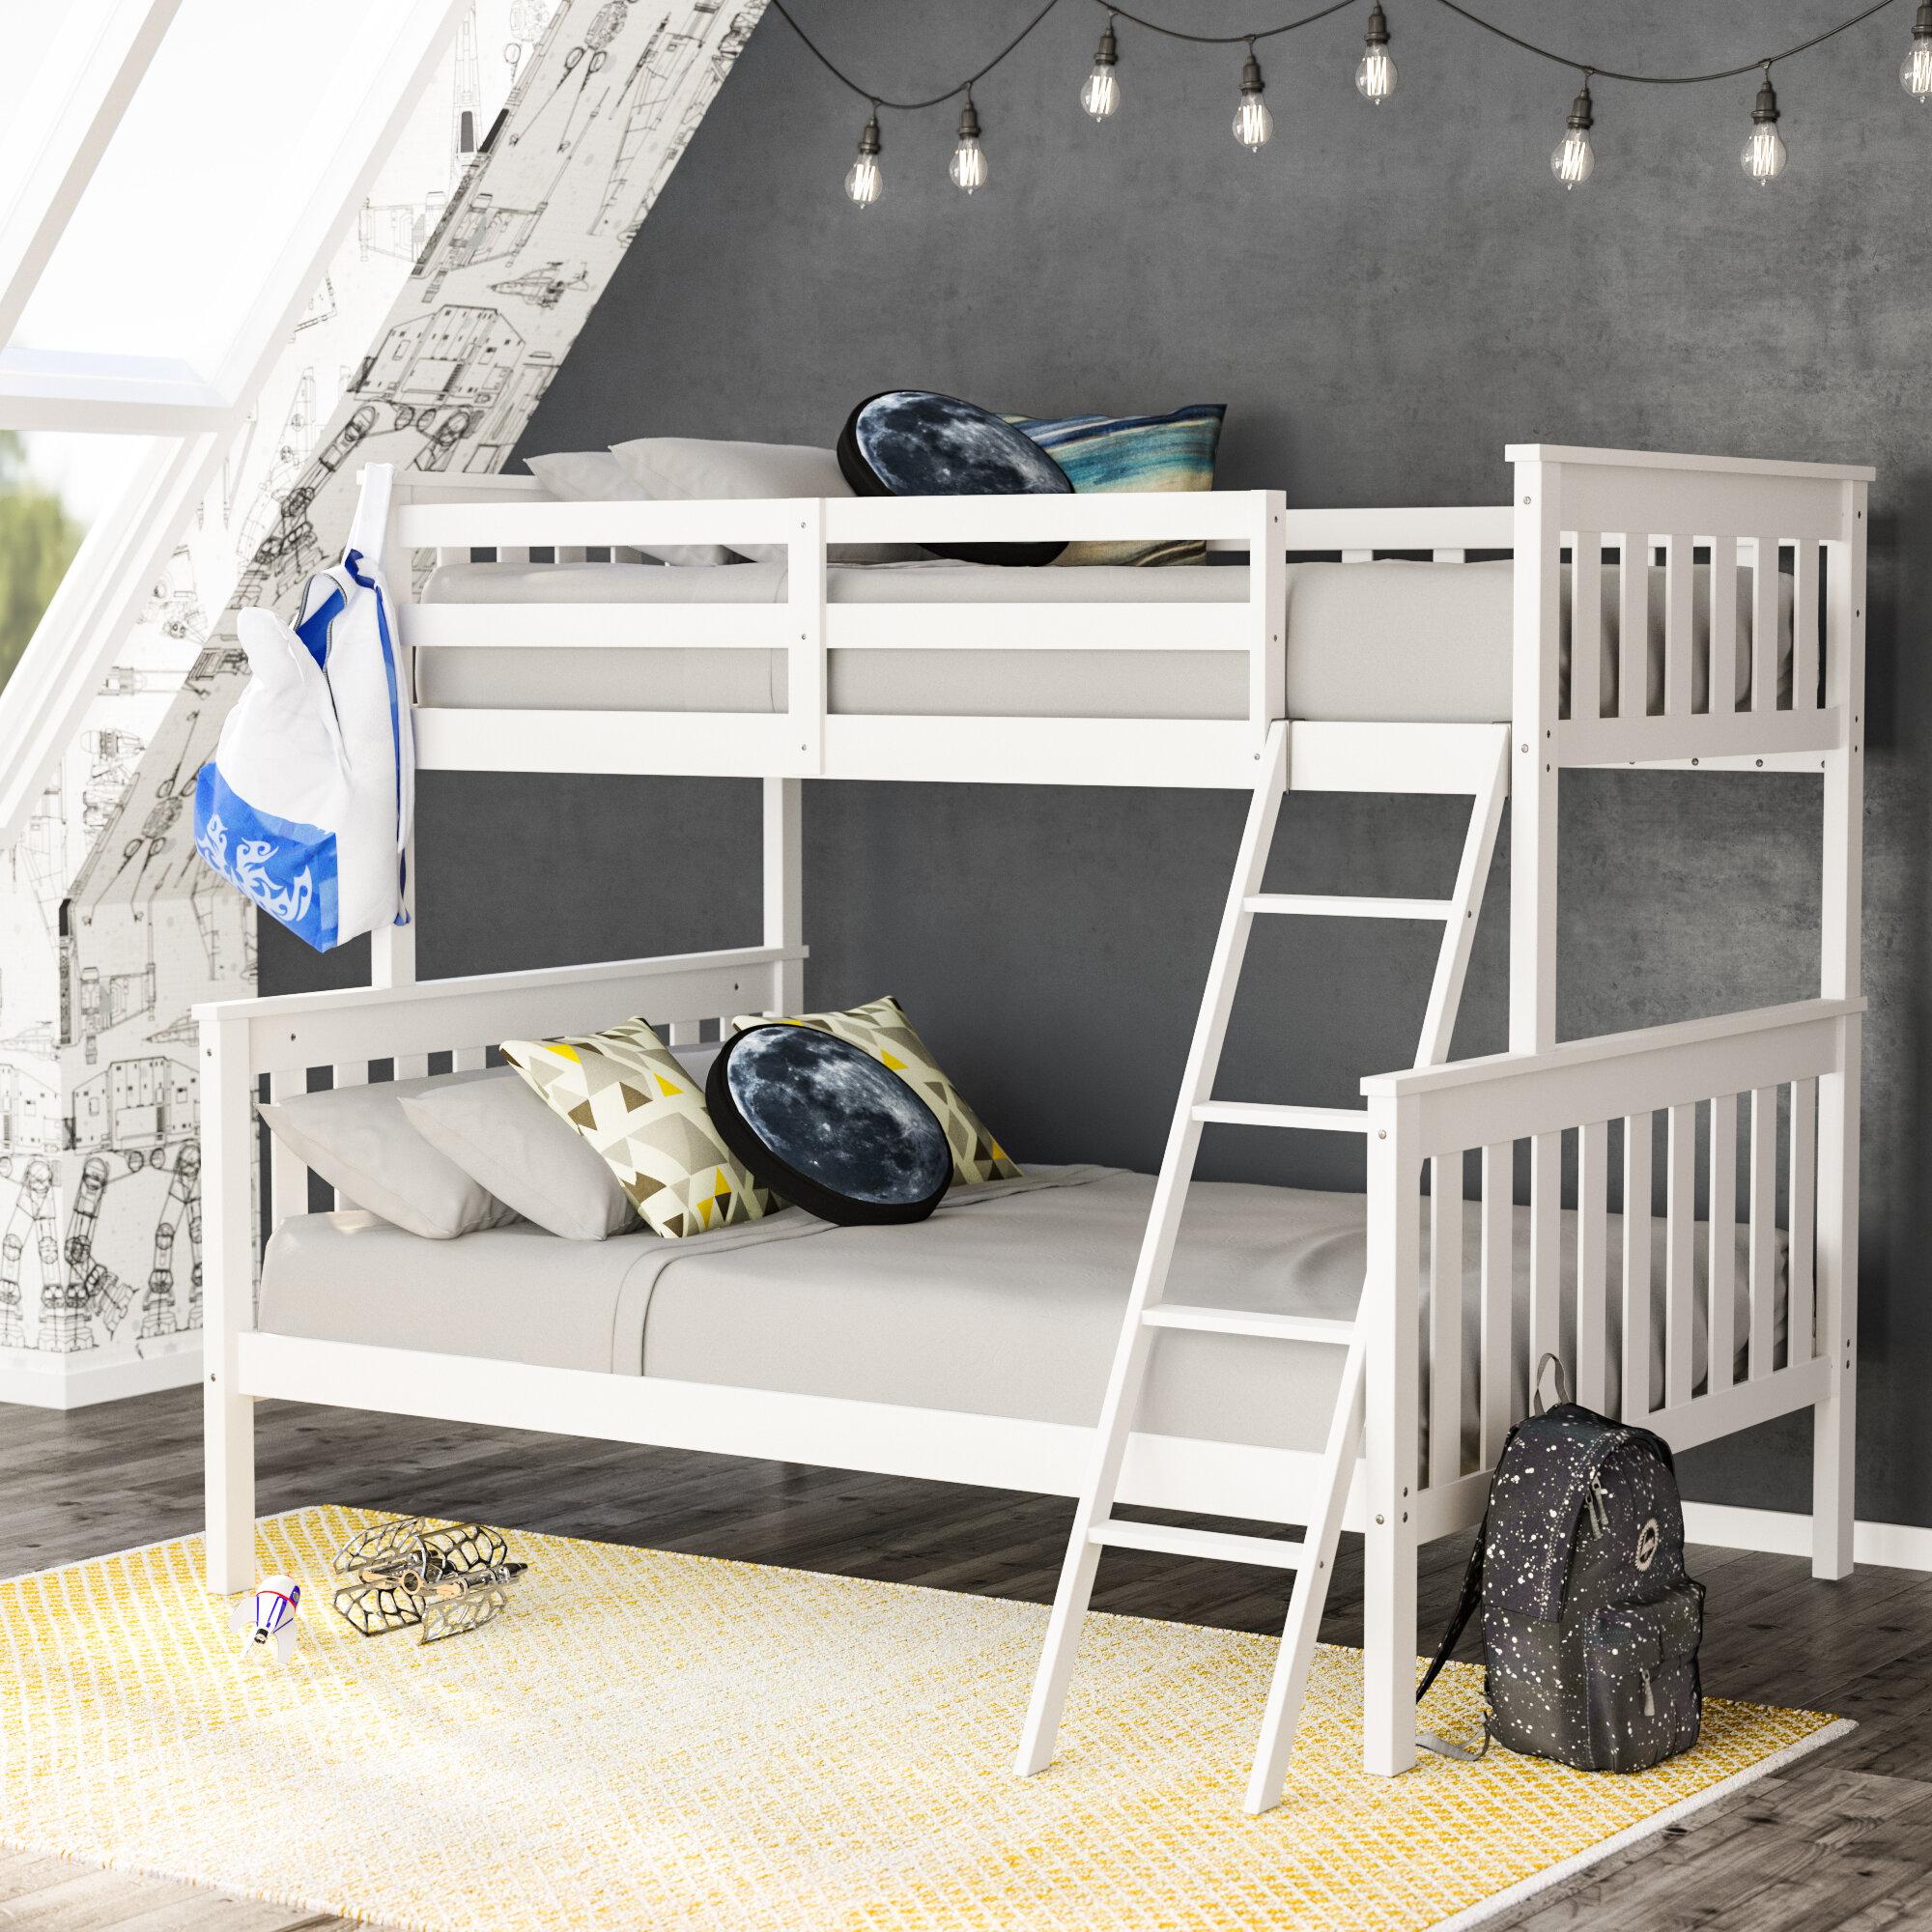 Lit Superposé Sous Pente lit superposé simple au-dessus d'un lit double rowley